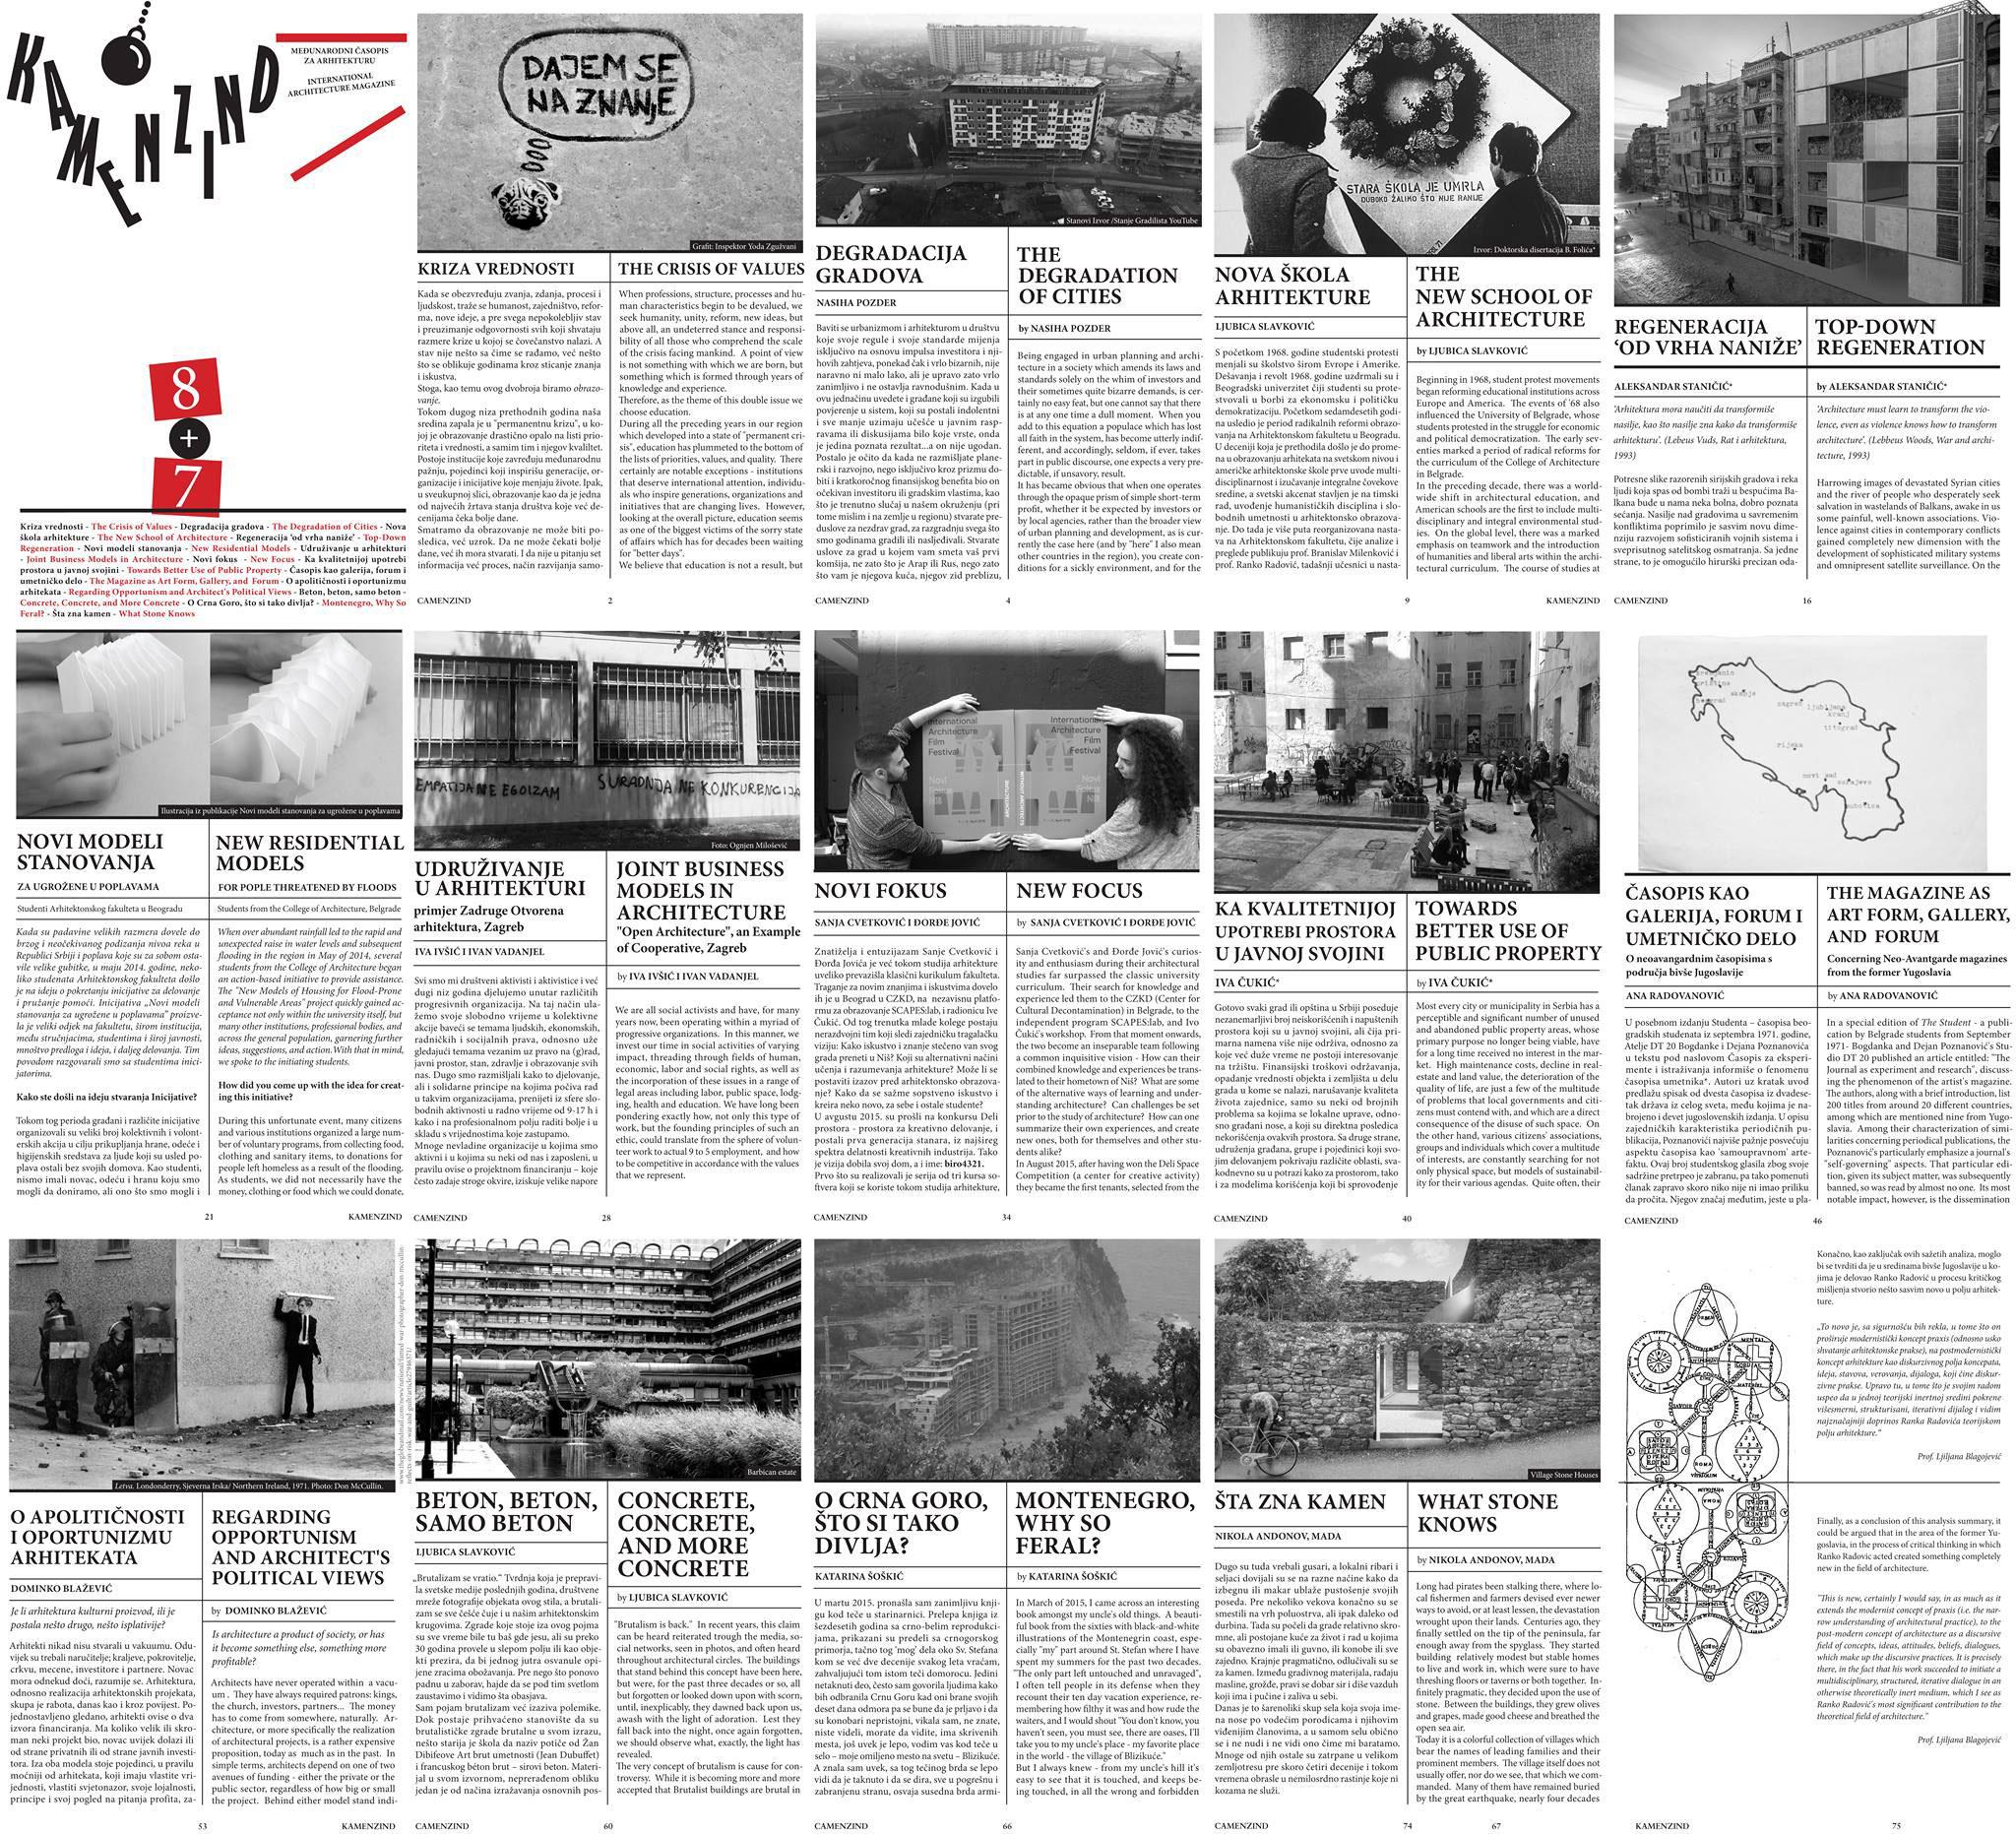 Kamenzind_07-08_contents